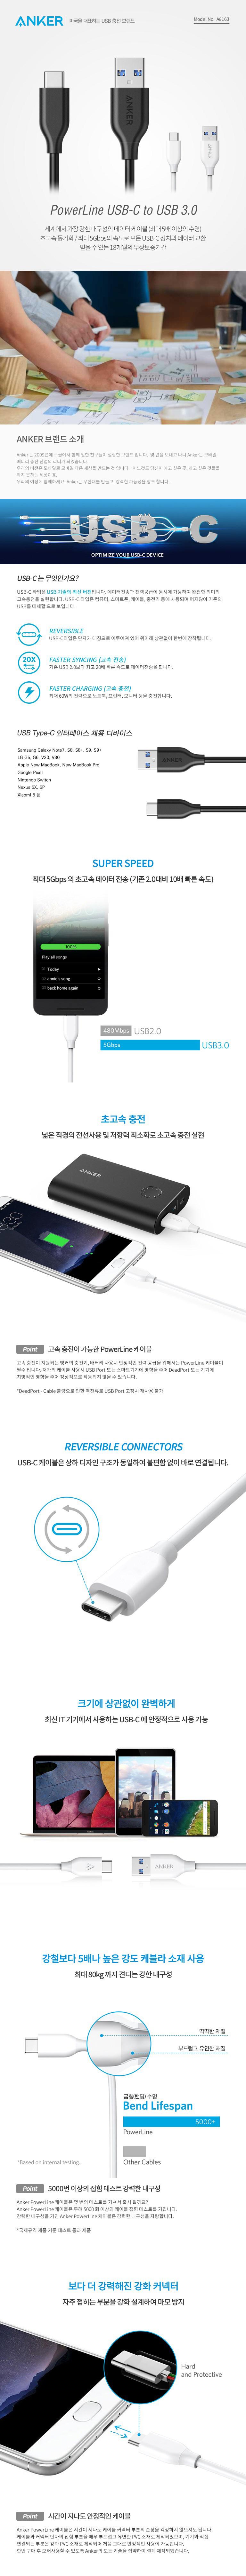 앤커(ANKER) 파워라인 C타입 USB 충전케이블 3.0 (90cm) – 블랙